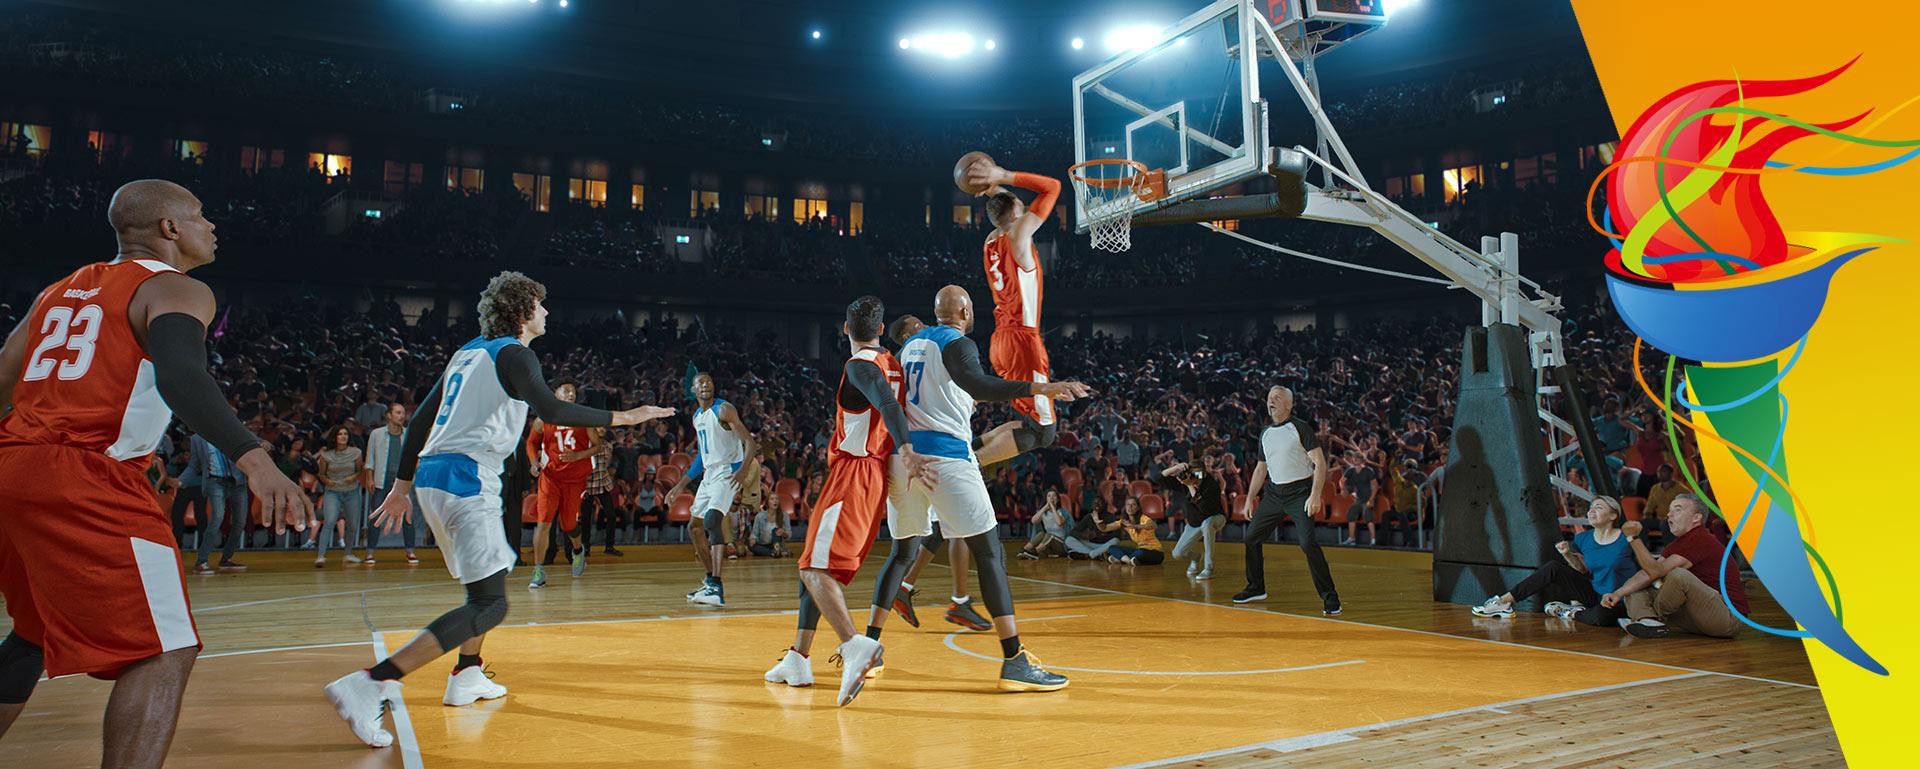 Turniej olimpijski w koszykówce mężczyzn